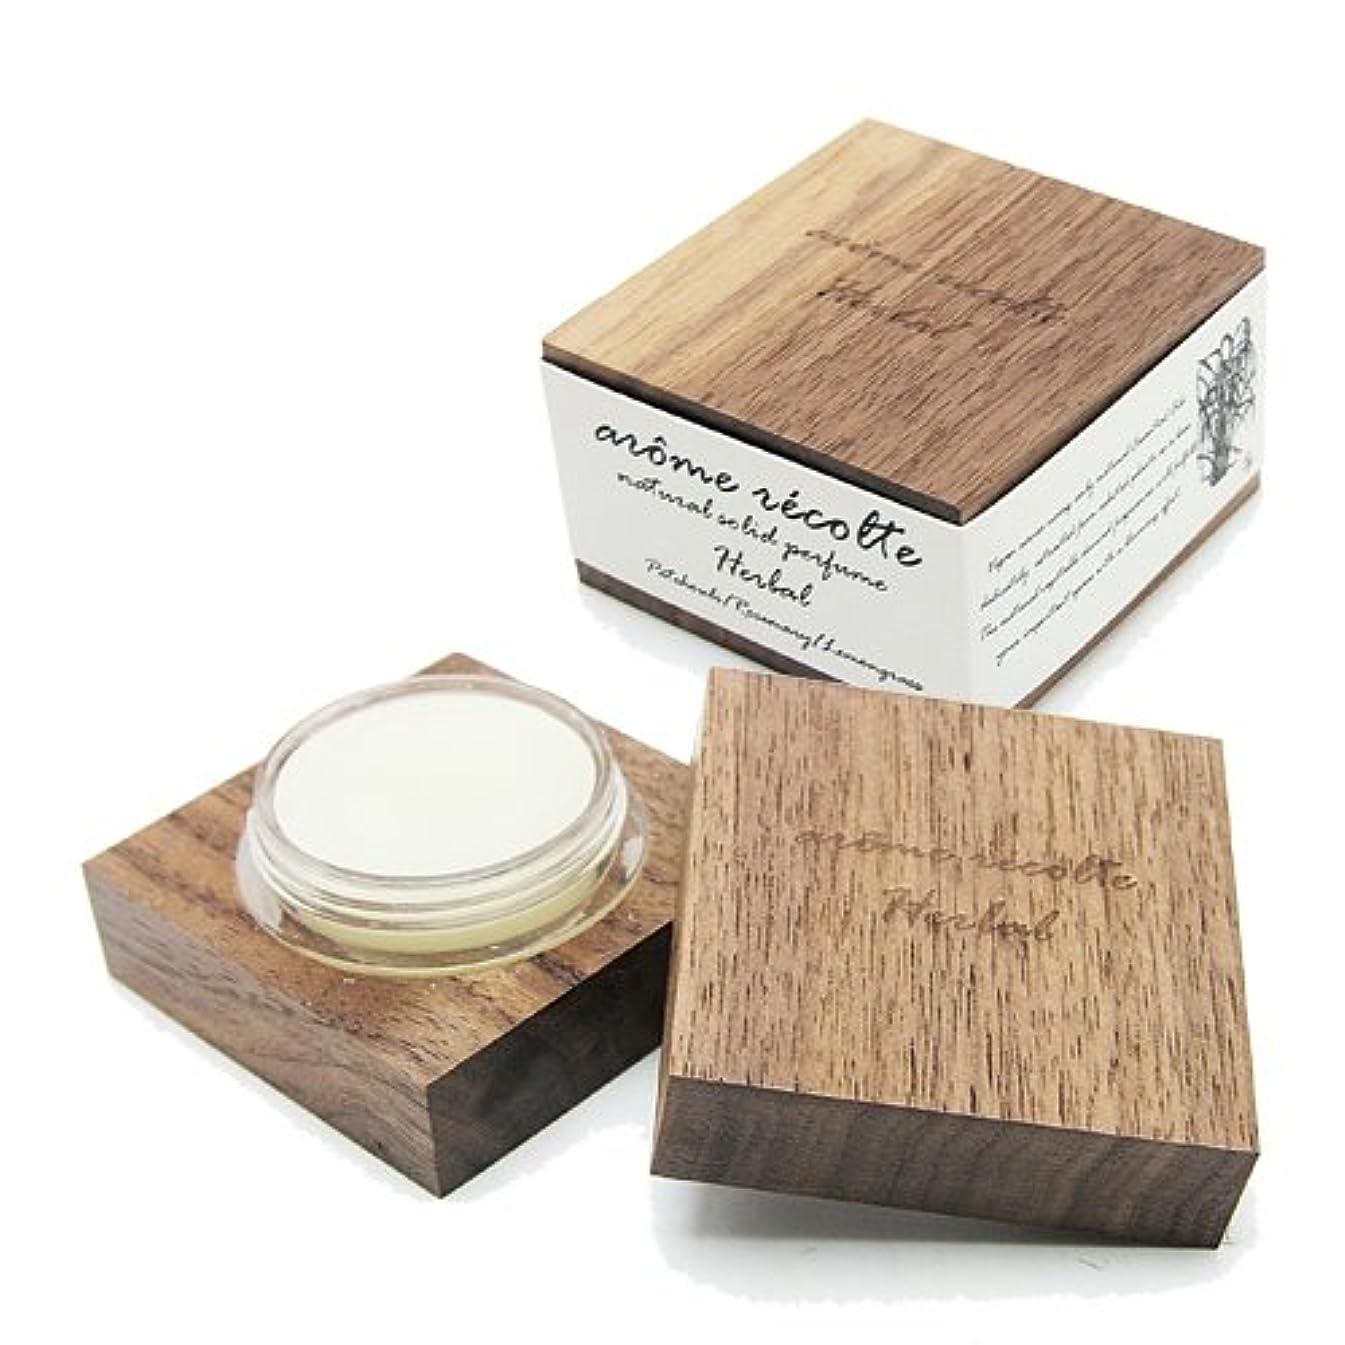 規制僕のタクシーアロマレコルト ナチュラル ソリッドパフューム ハーバル Herbal arome recolte 練り香水